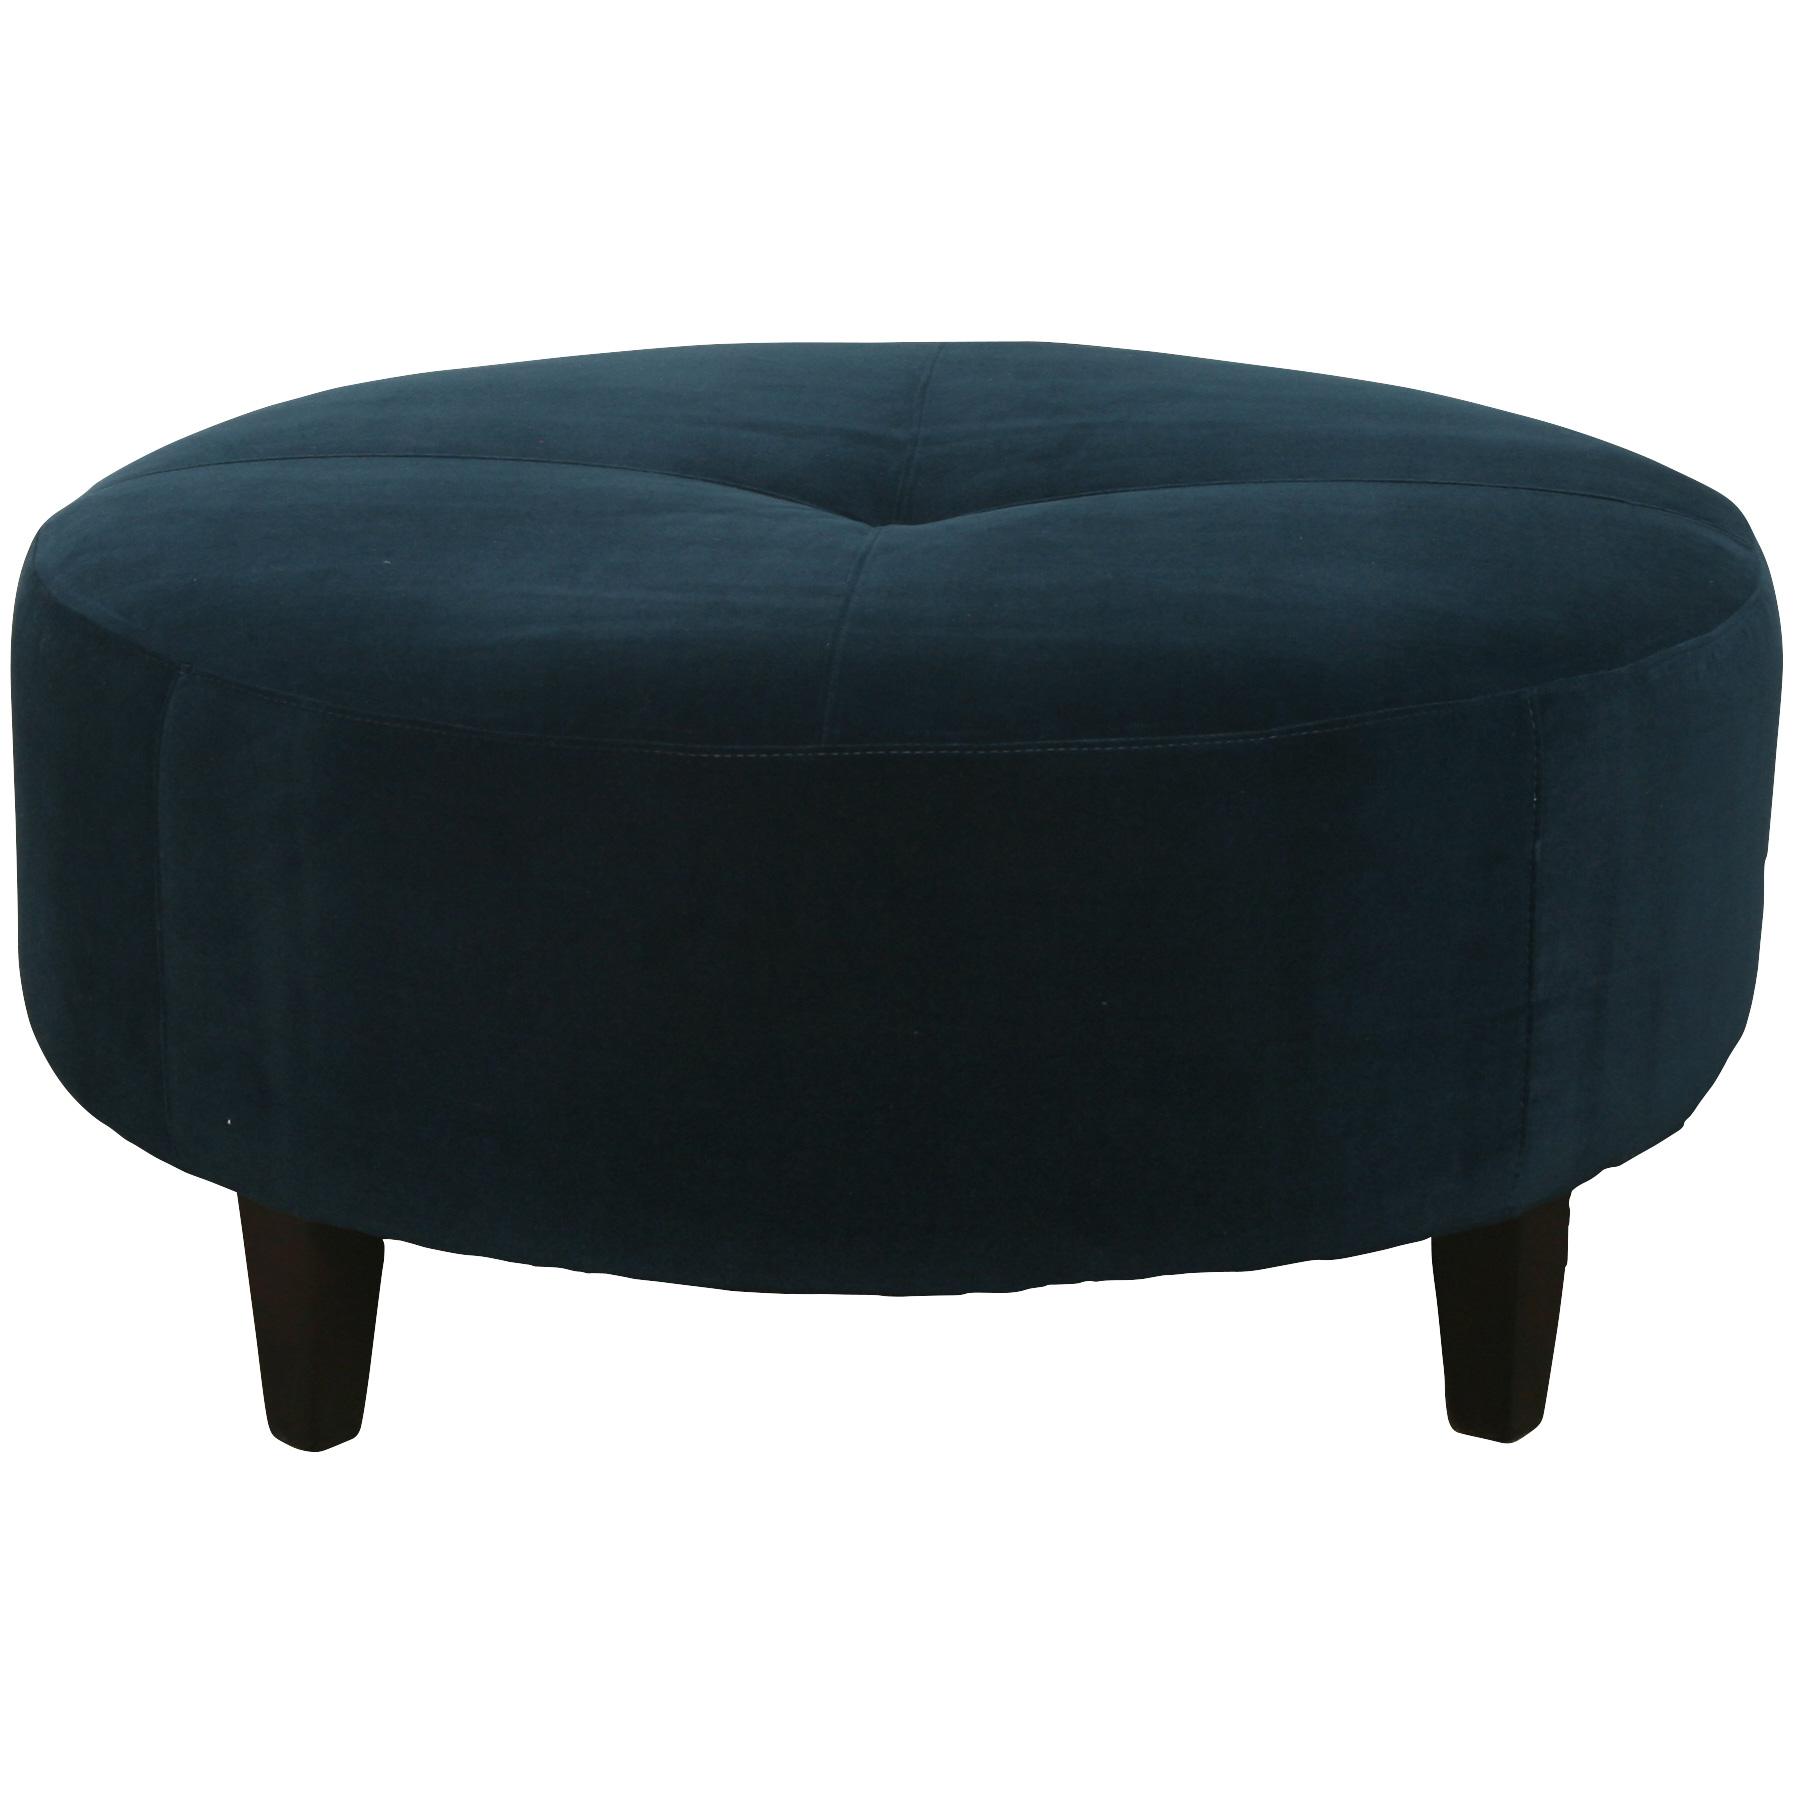 Bauhaus Furniture | Solo Navy Round Accent Ottoman